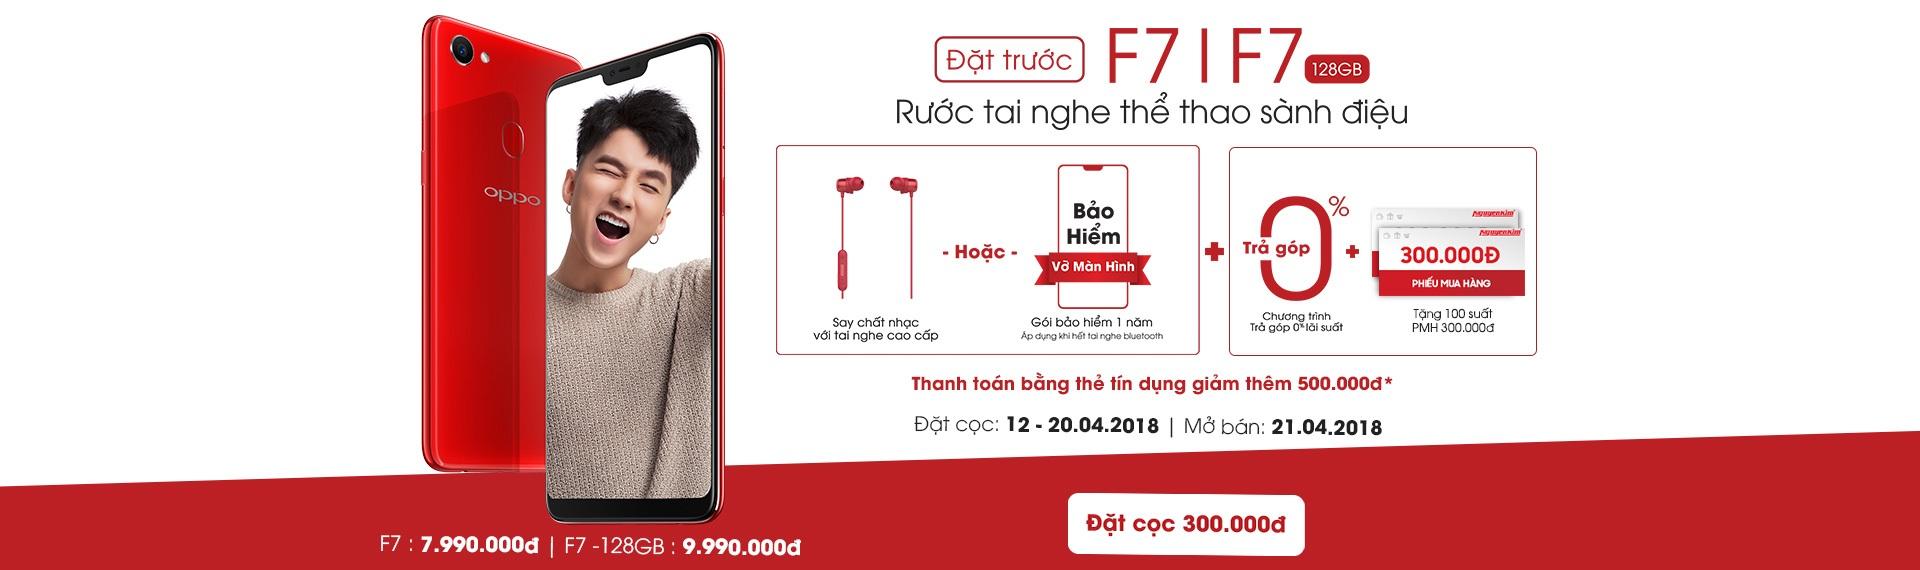 ĐẶT TRƯỚC OPPO F7 - NHẬN NGAY KHUYẾN MÃI KHỦNG